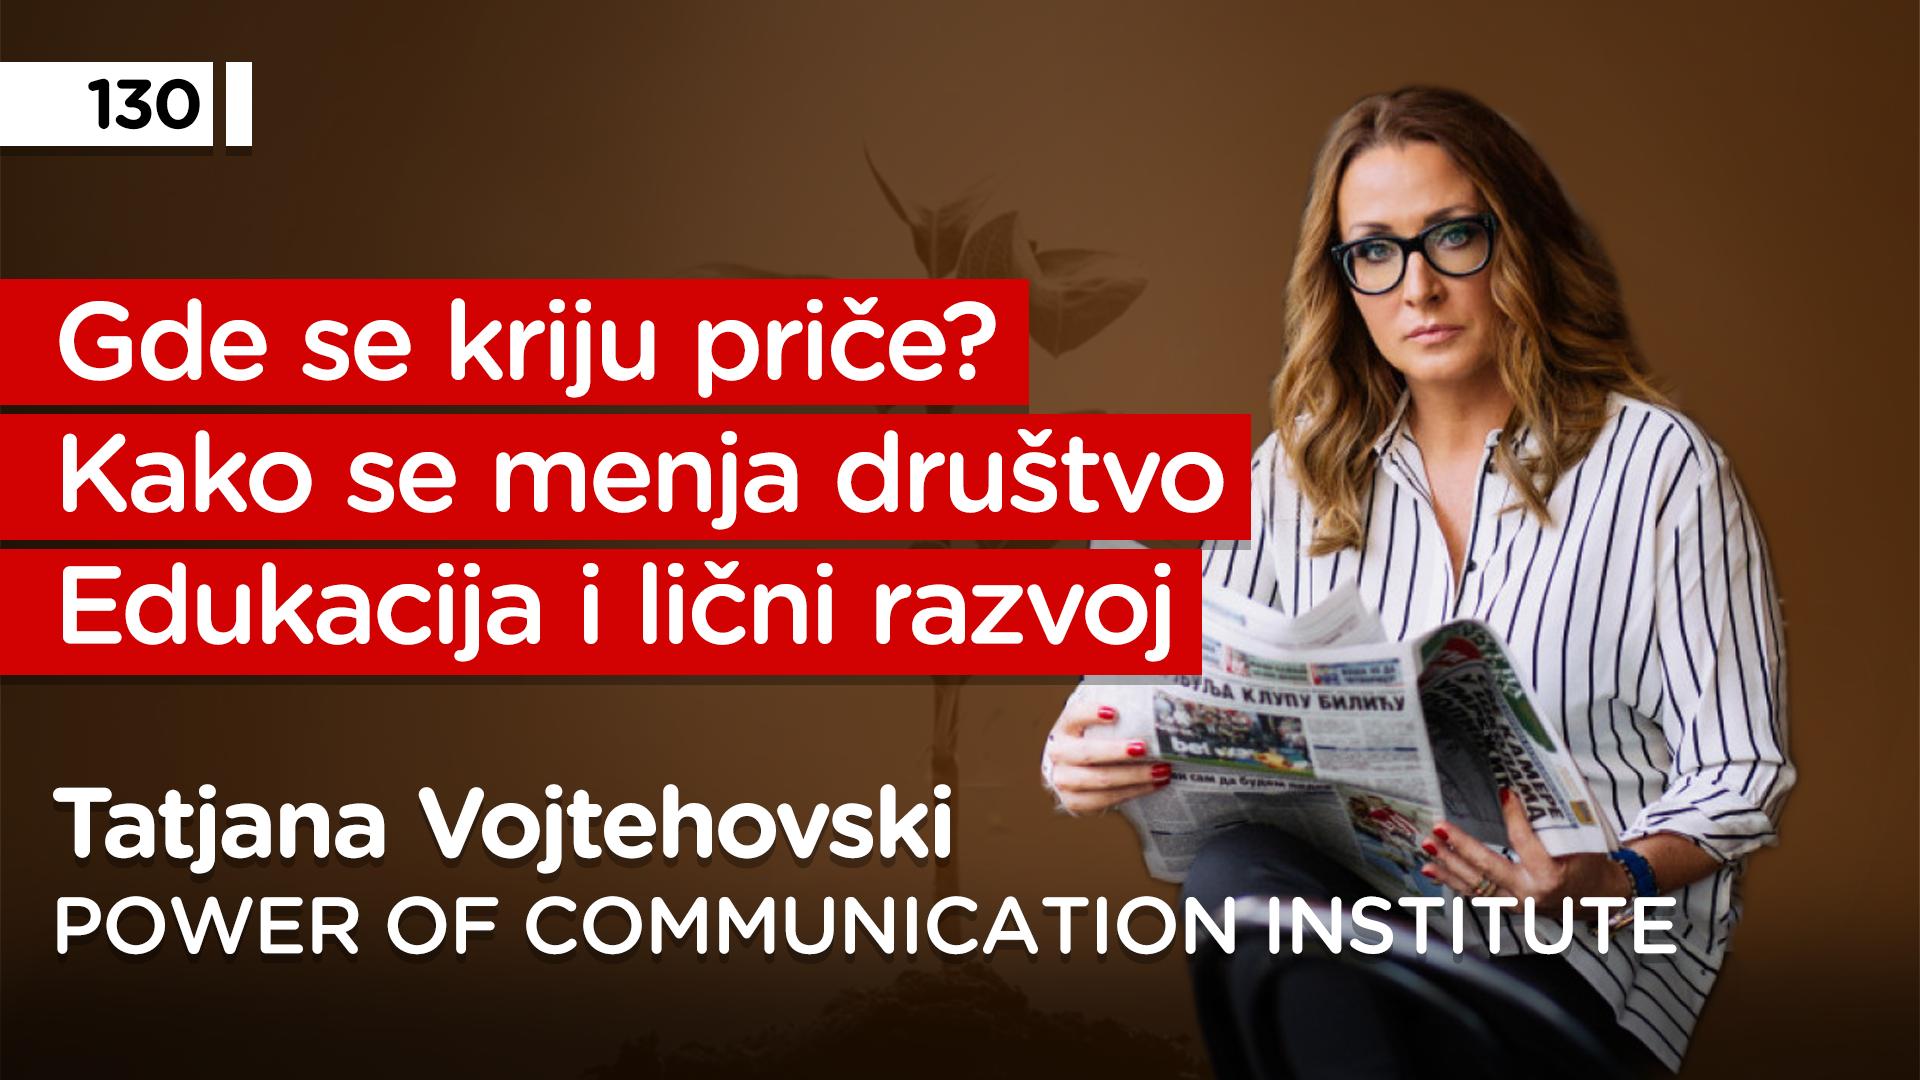 EP130: Tatjana Vojtehovski